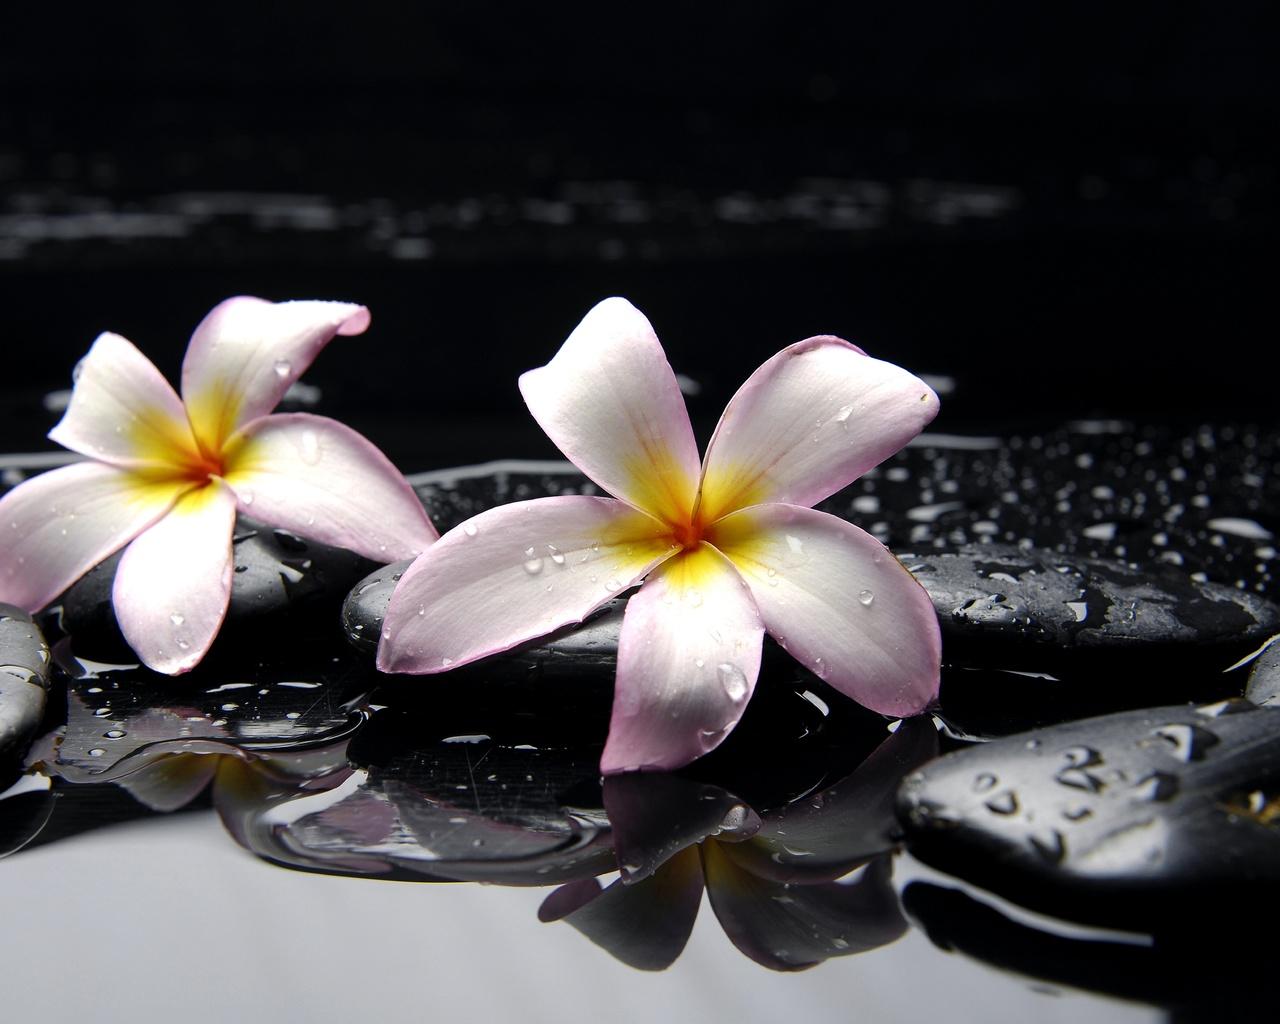 Картинки цветы, вода, желтые, камни, розовые, черные ...